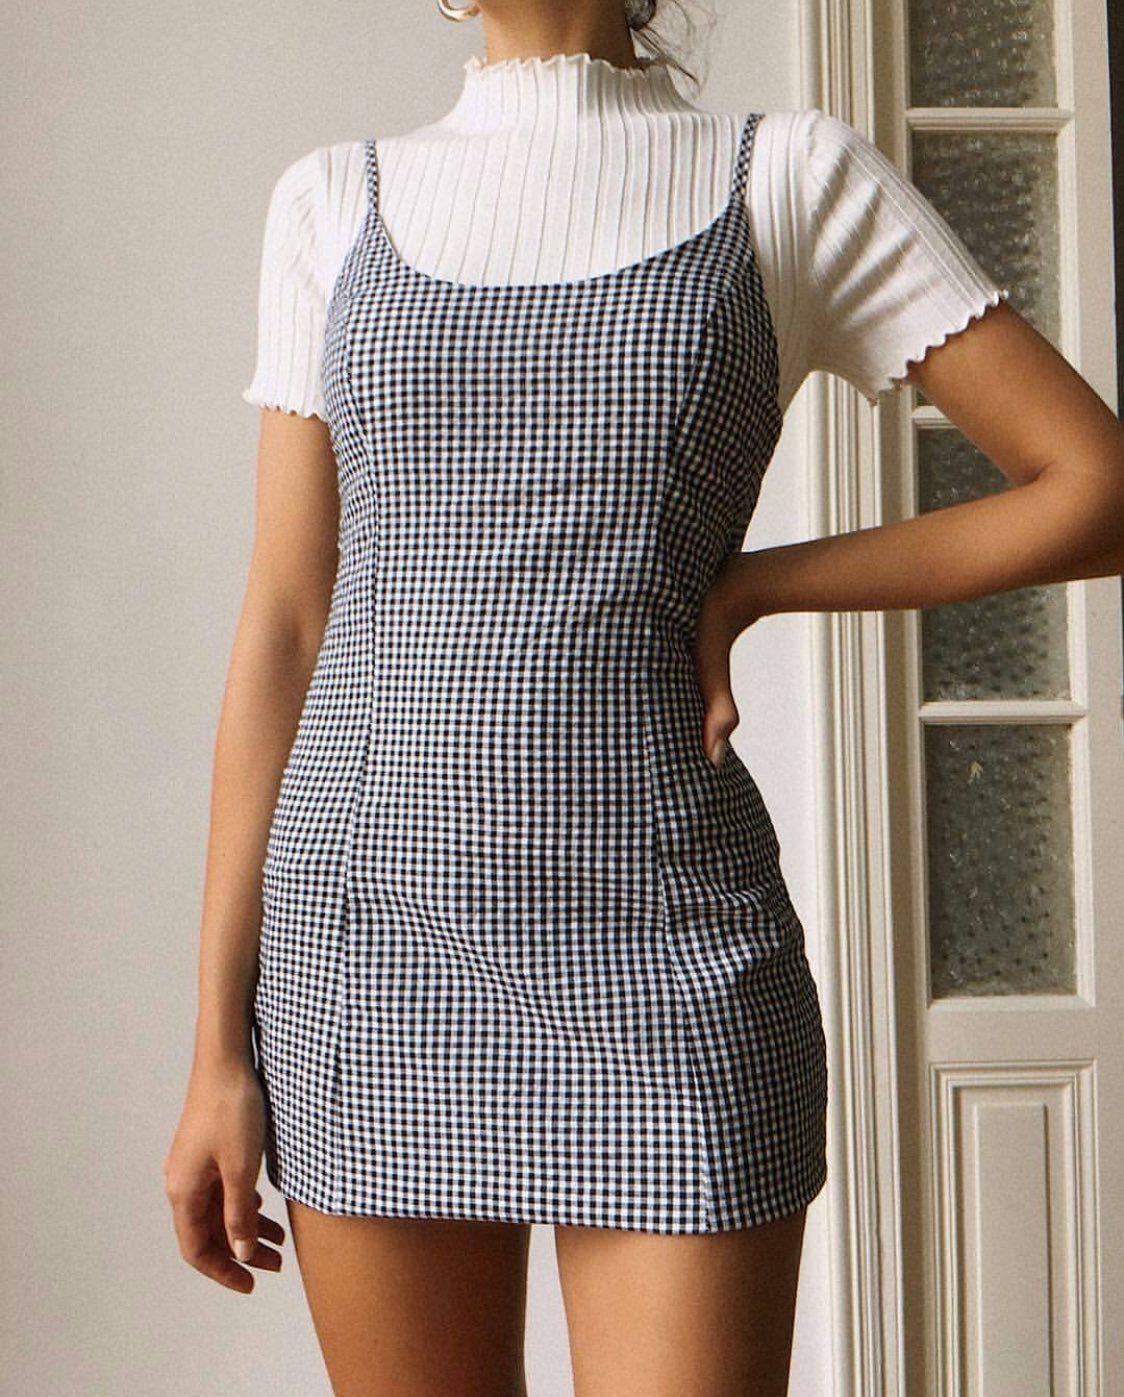 8178ea4285f611 Pin van Esmée Kouer op ✨fashion✨ - Fashion